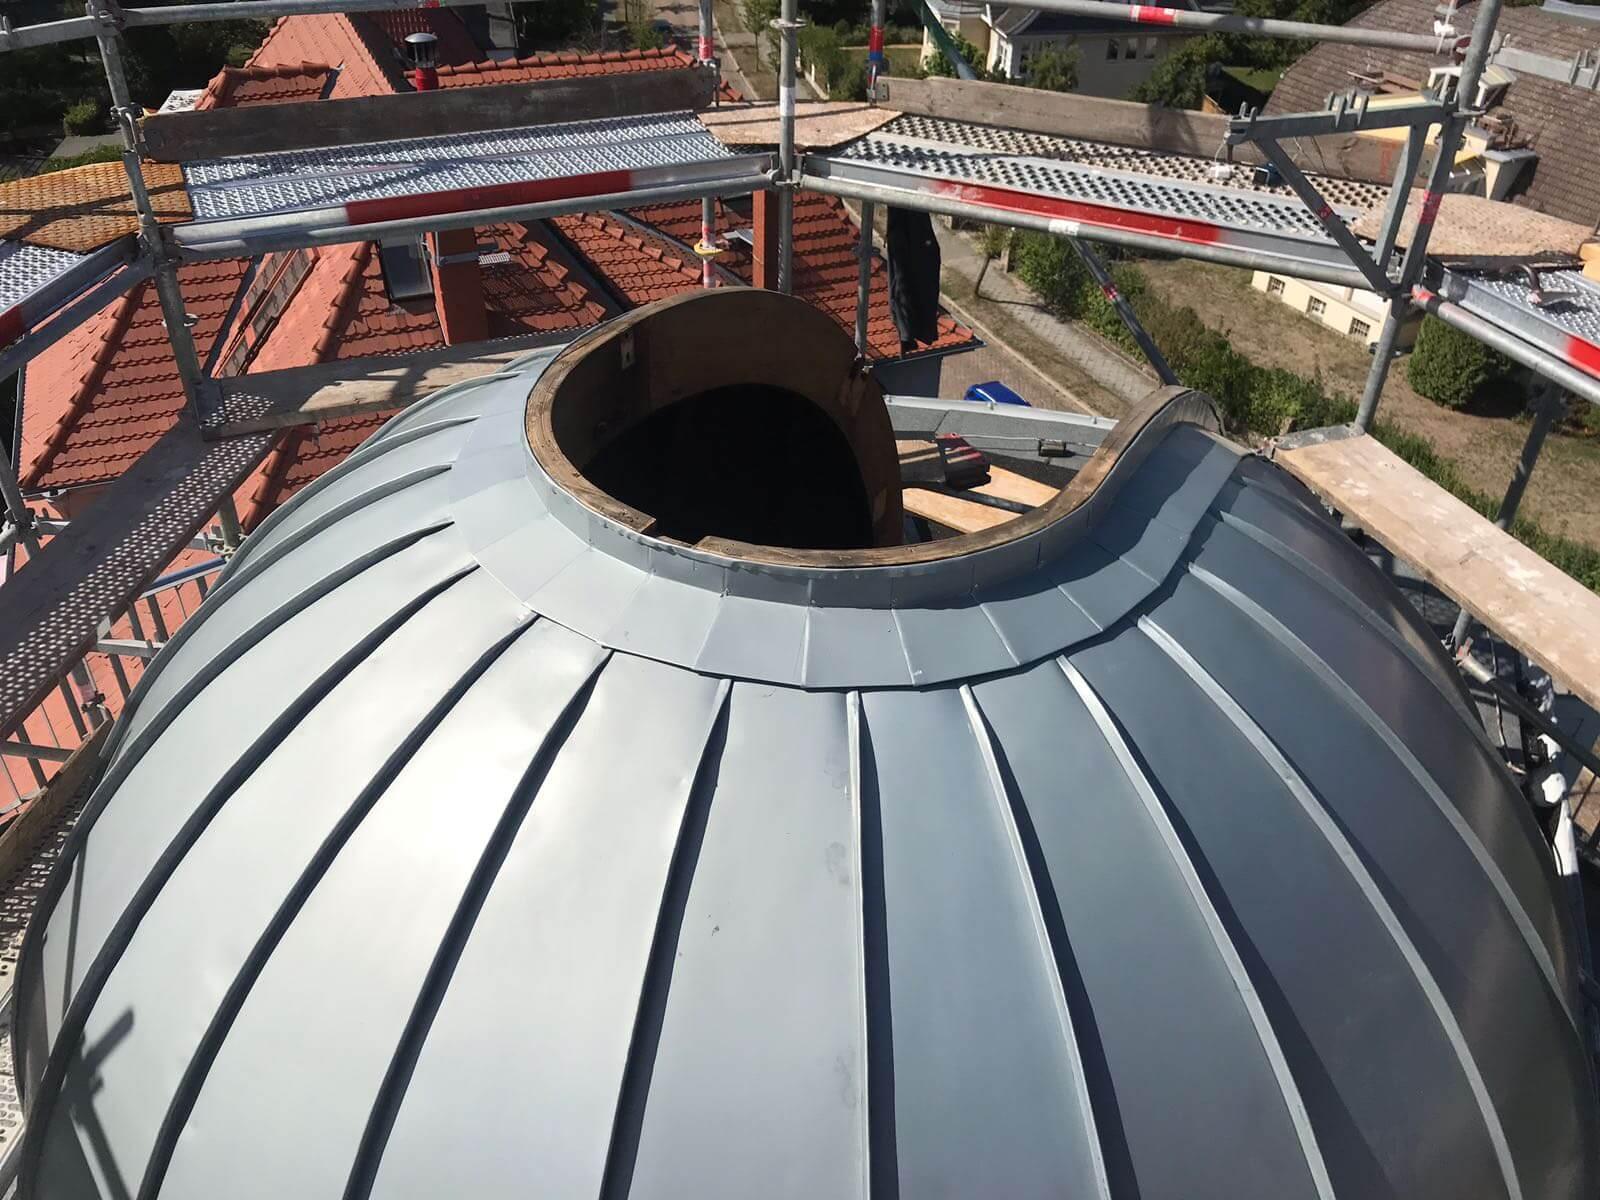 BV Dachkuppelsanierung Sternwarte Schwerin2